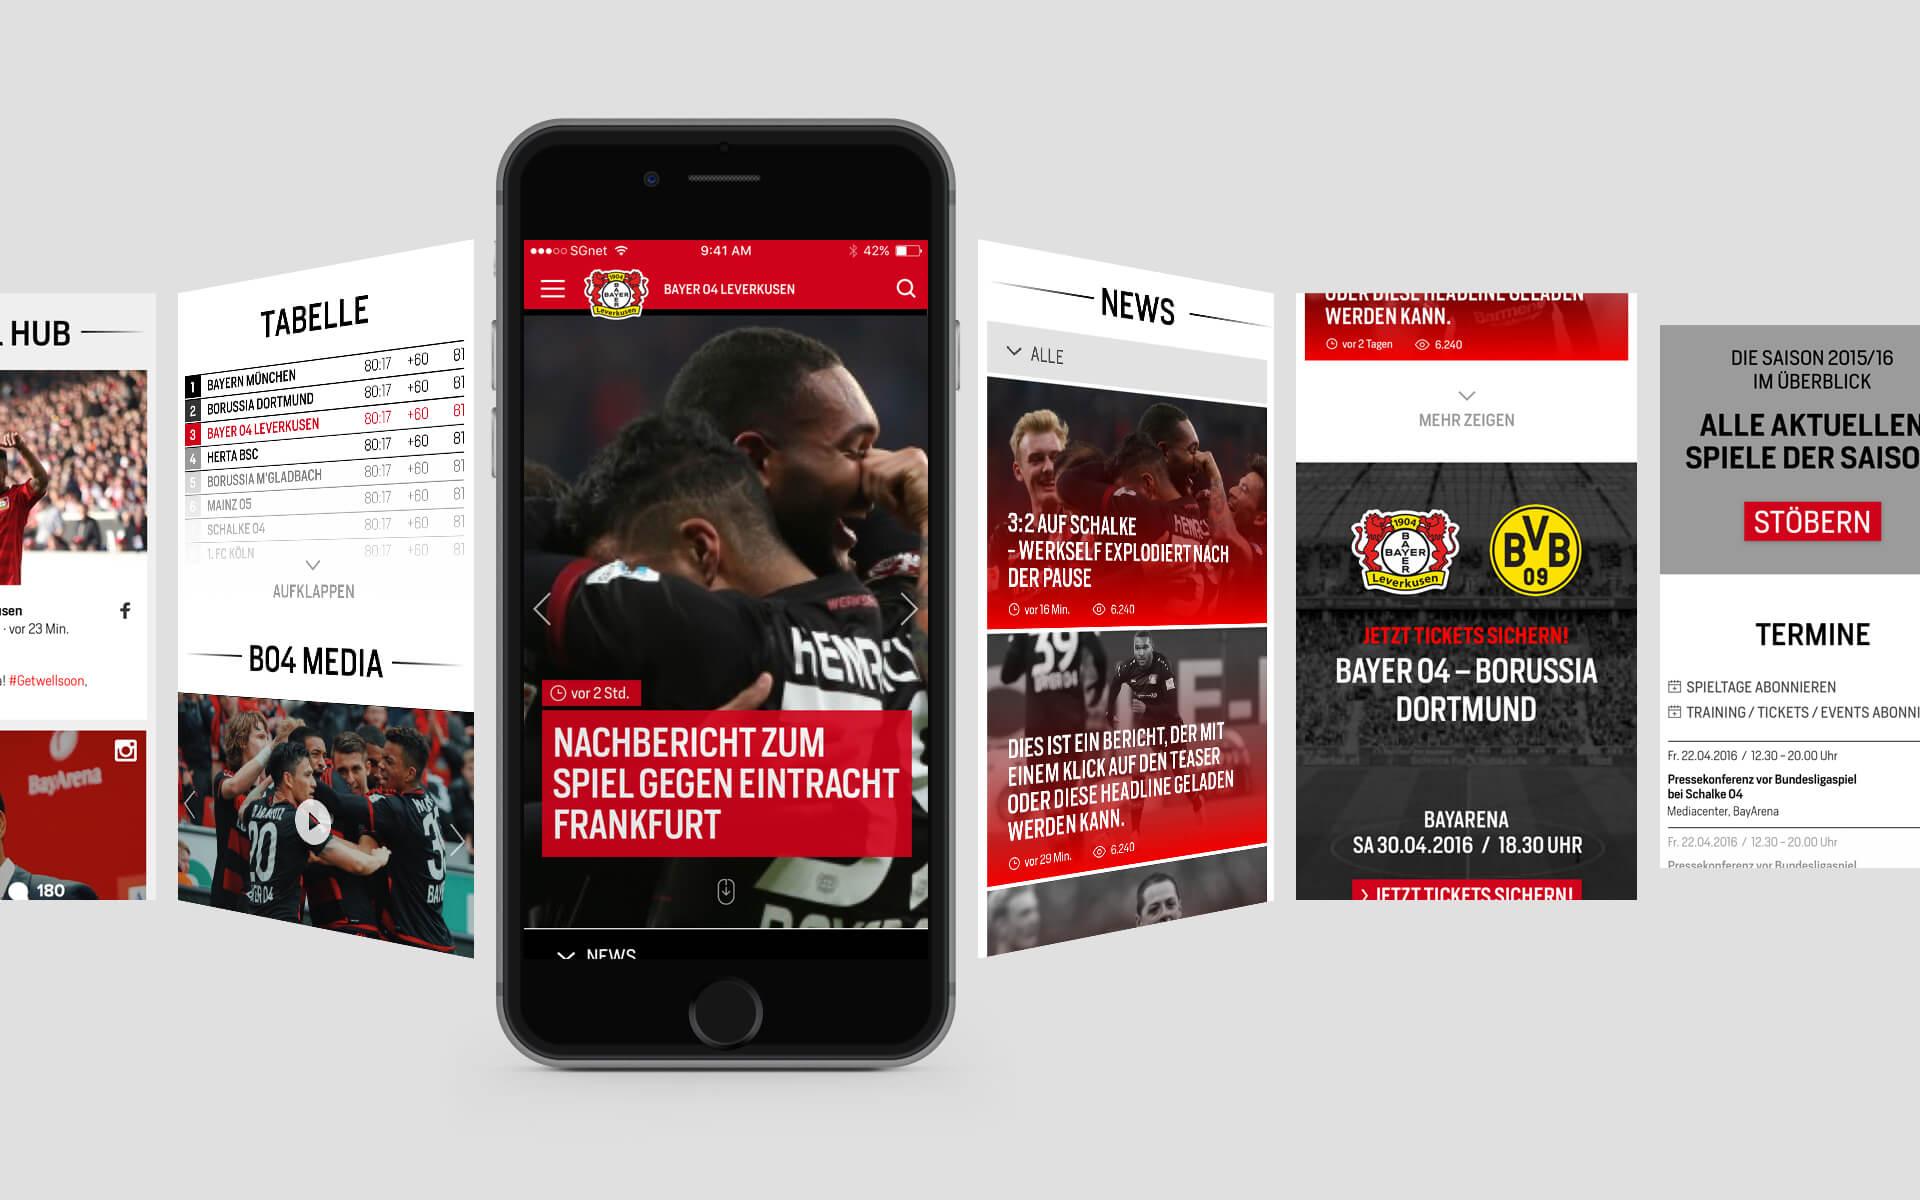 Bayer 04 Leverkusen Website Relaunch, Redesign, Webdesign, UX, UI, App, mobile device